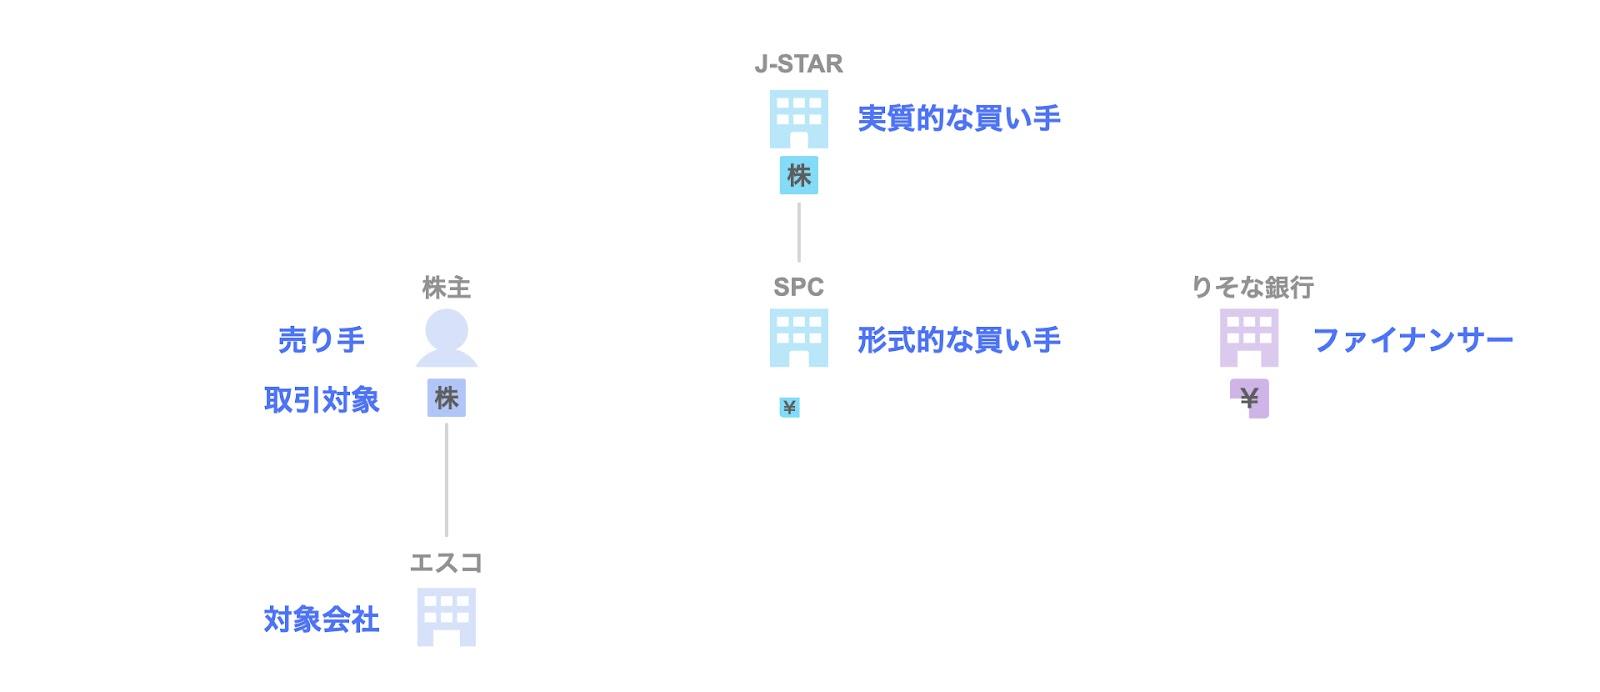 J-STARによるエスコのExit 関係者